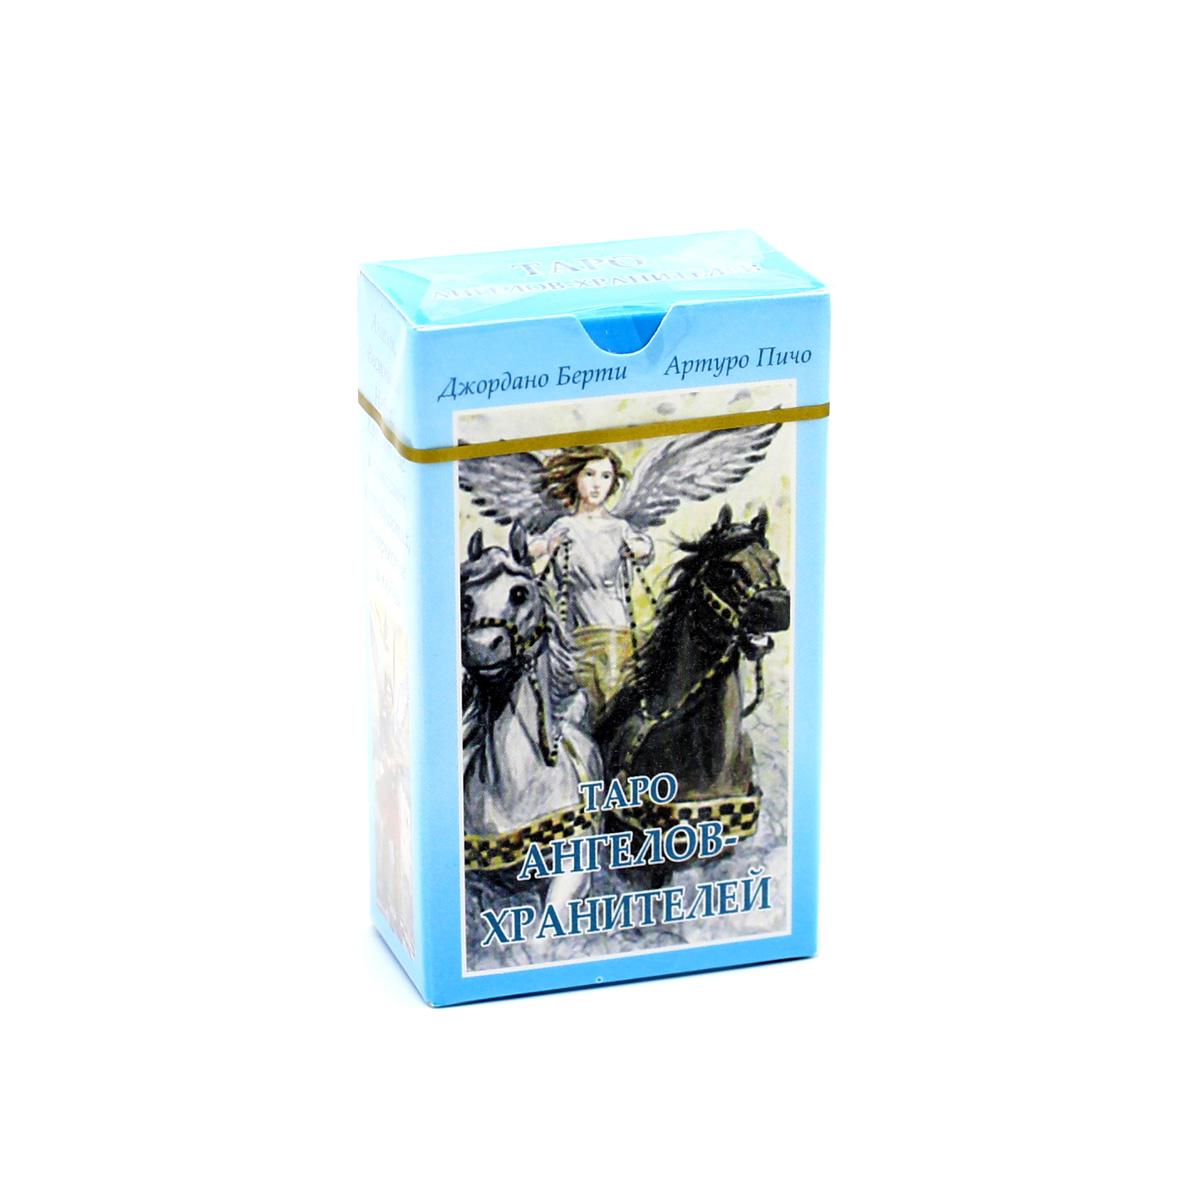 Таро ангелов хранителей, 78 карт, мини, карманный вариант, 7.5 см х 4.5 см